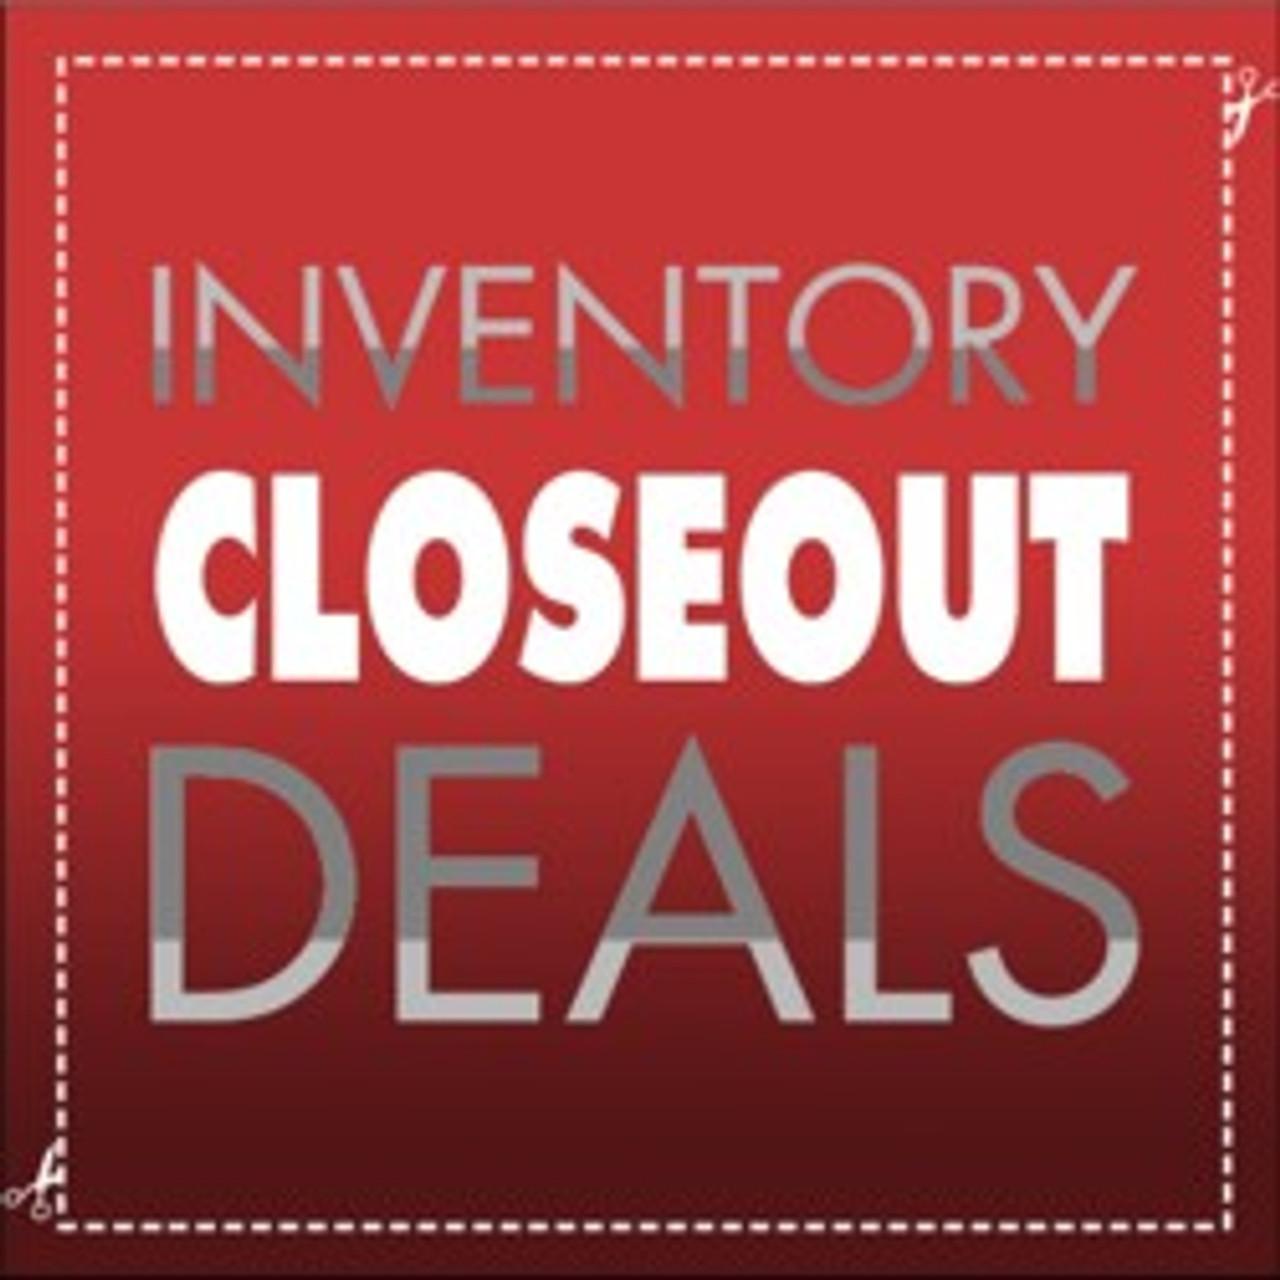 SealGreen Inventory Closeout Deals